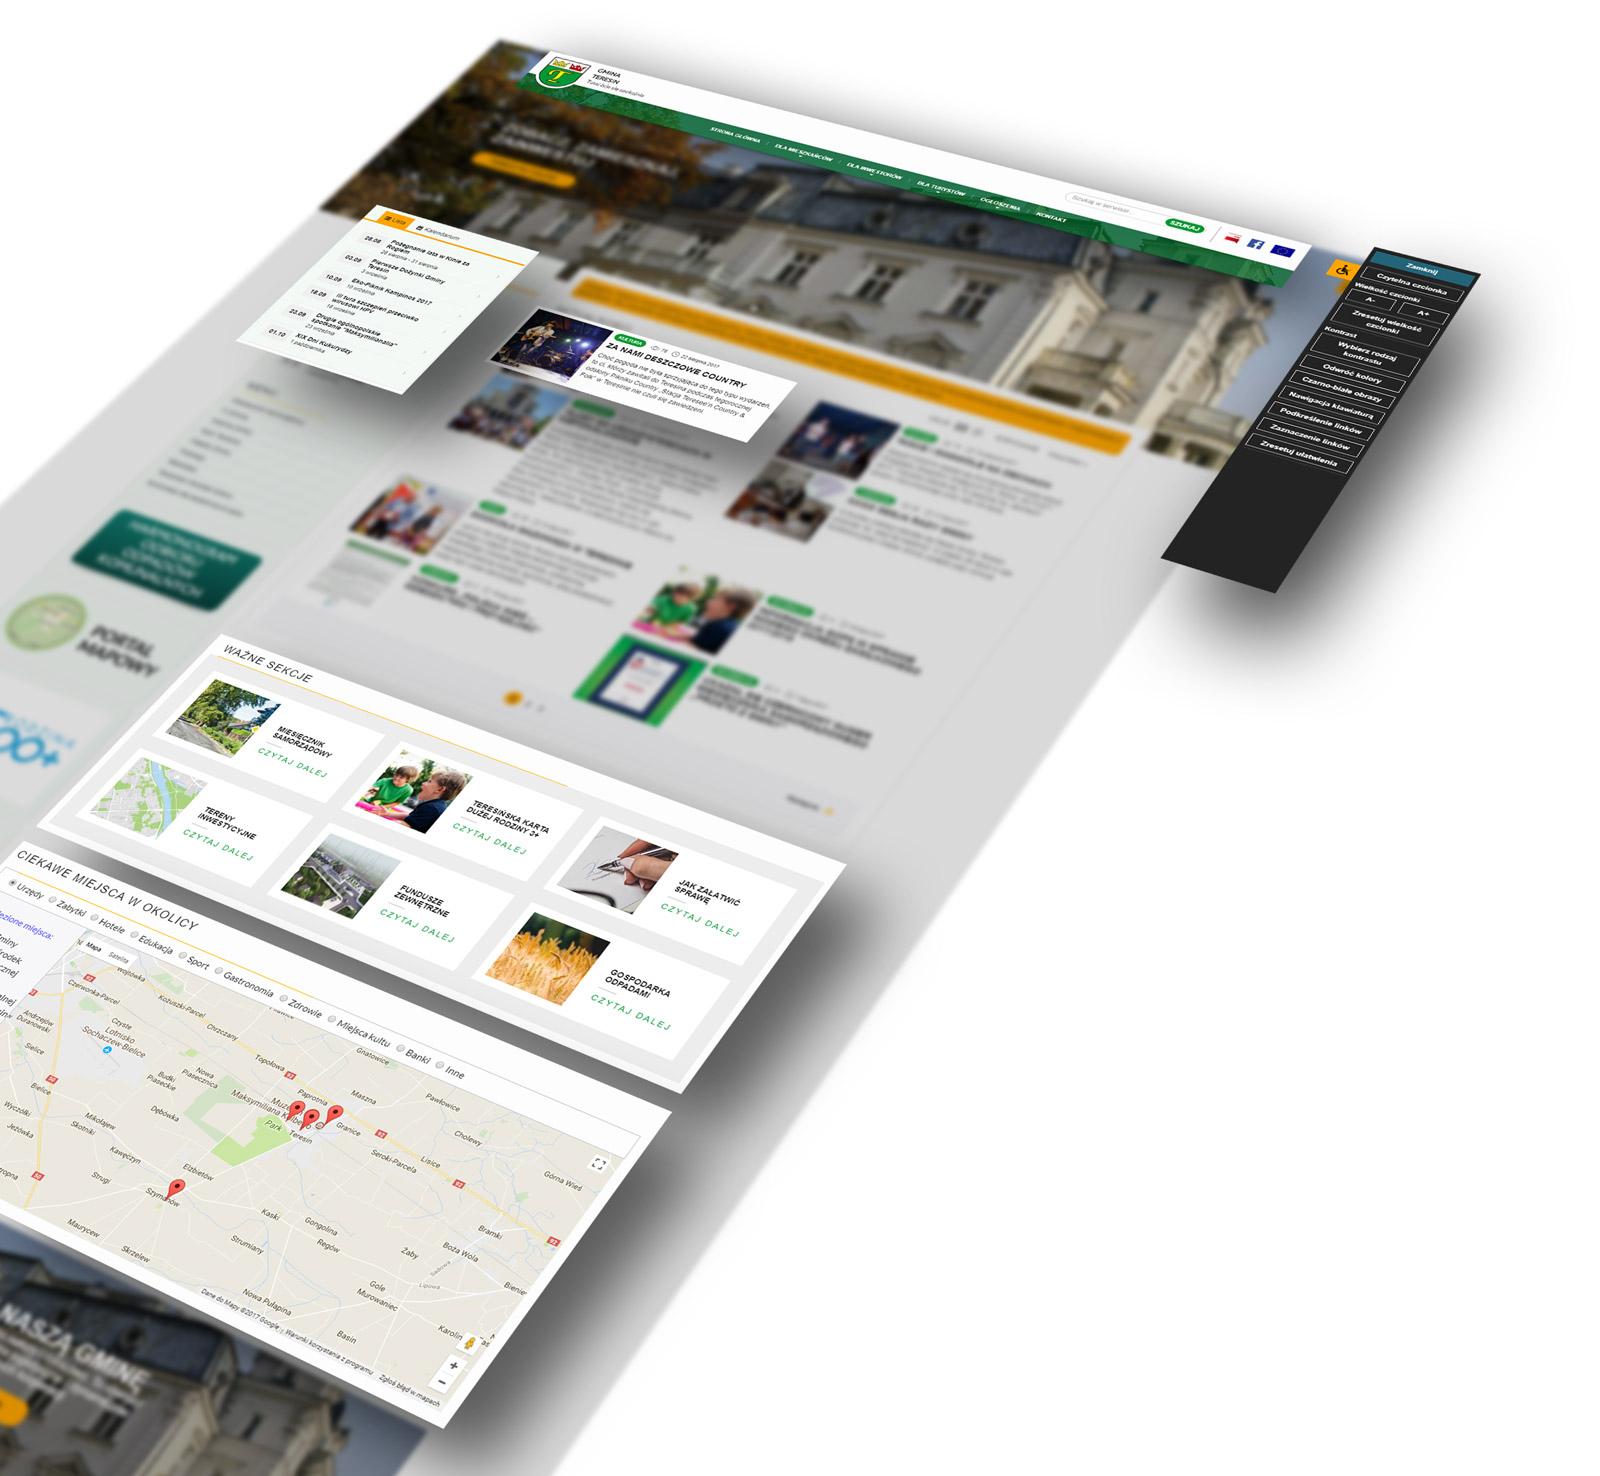 Gmina Teresin woj. Mazowieckie - wizualizacja modułowości budowy strony internetowej serwisu miejskiego